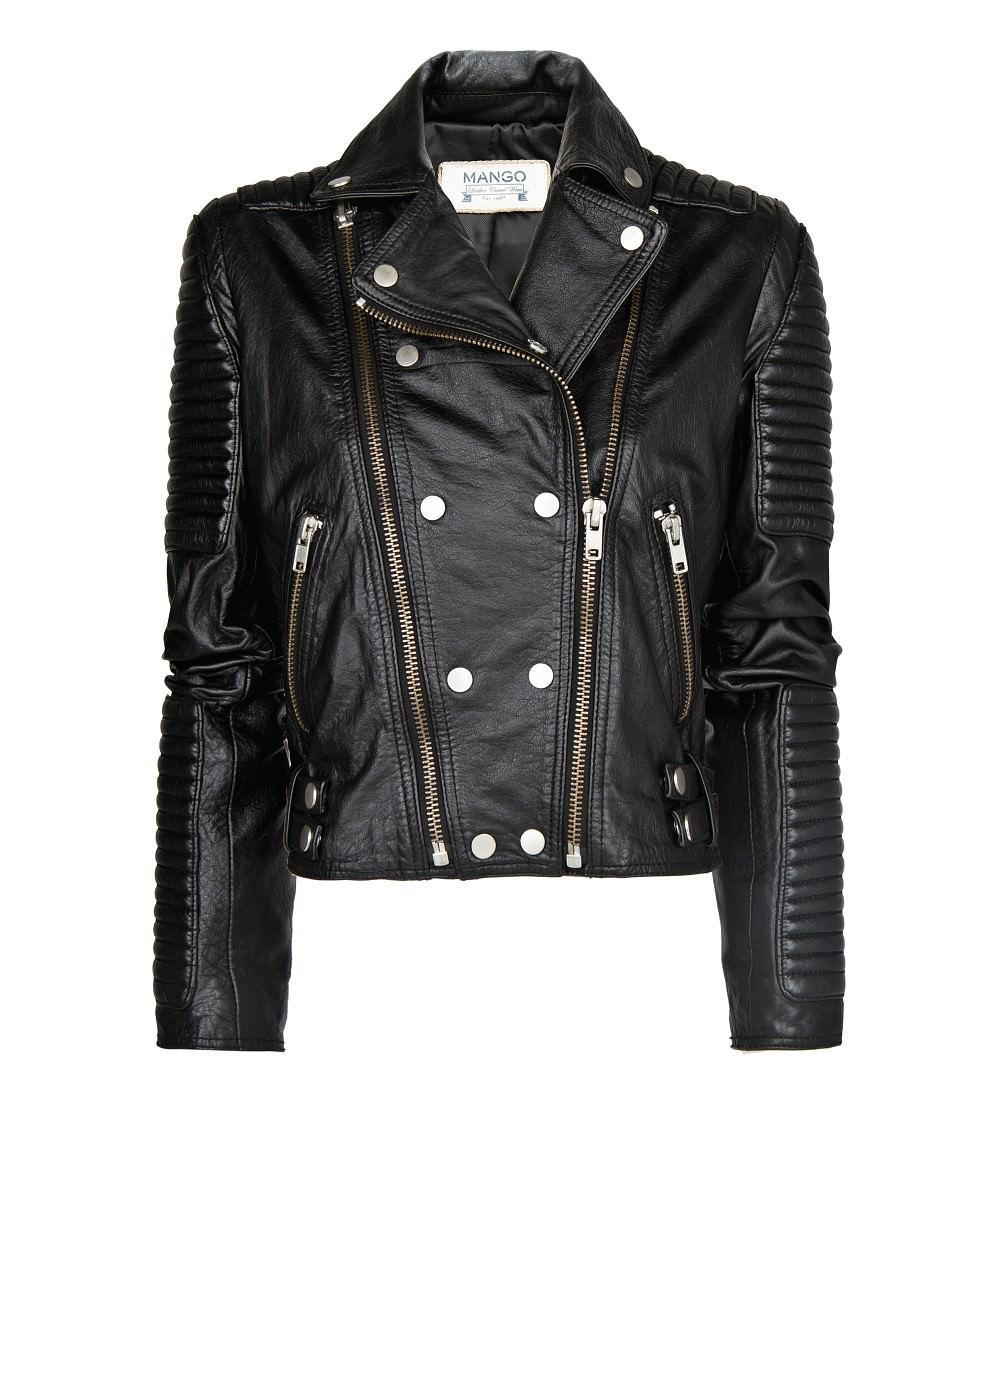 Leather biker jacket - Jackets for Women | MANGO